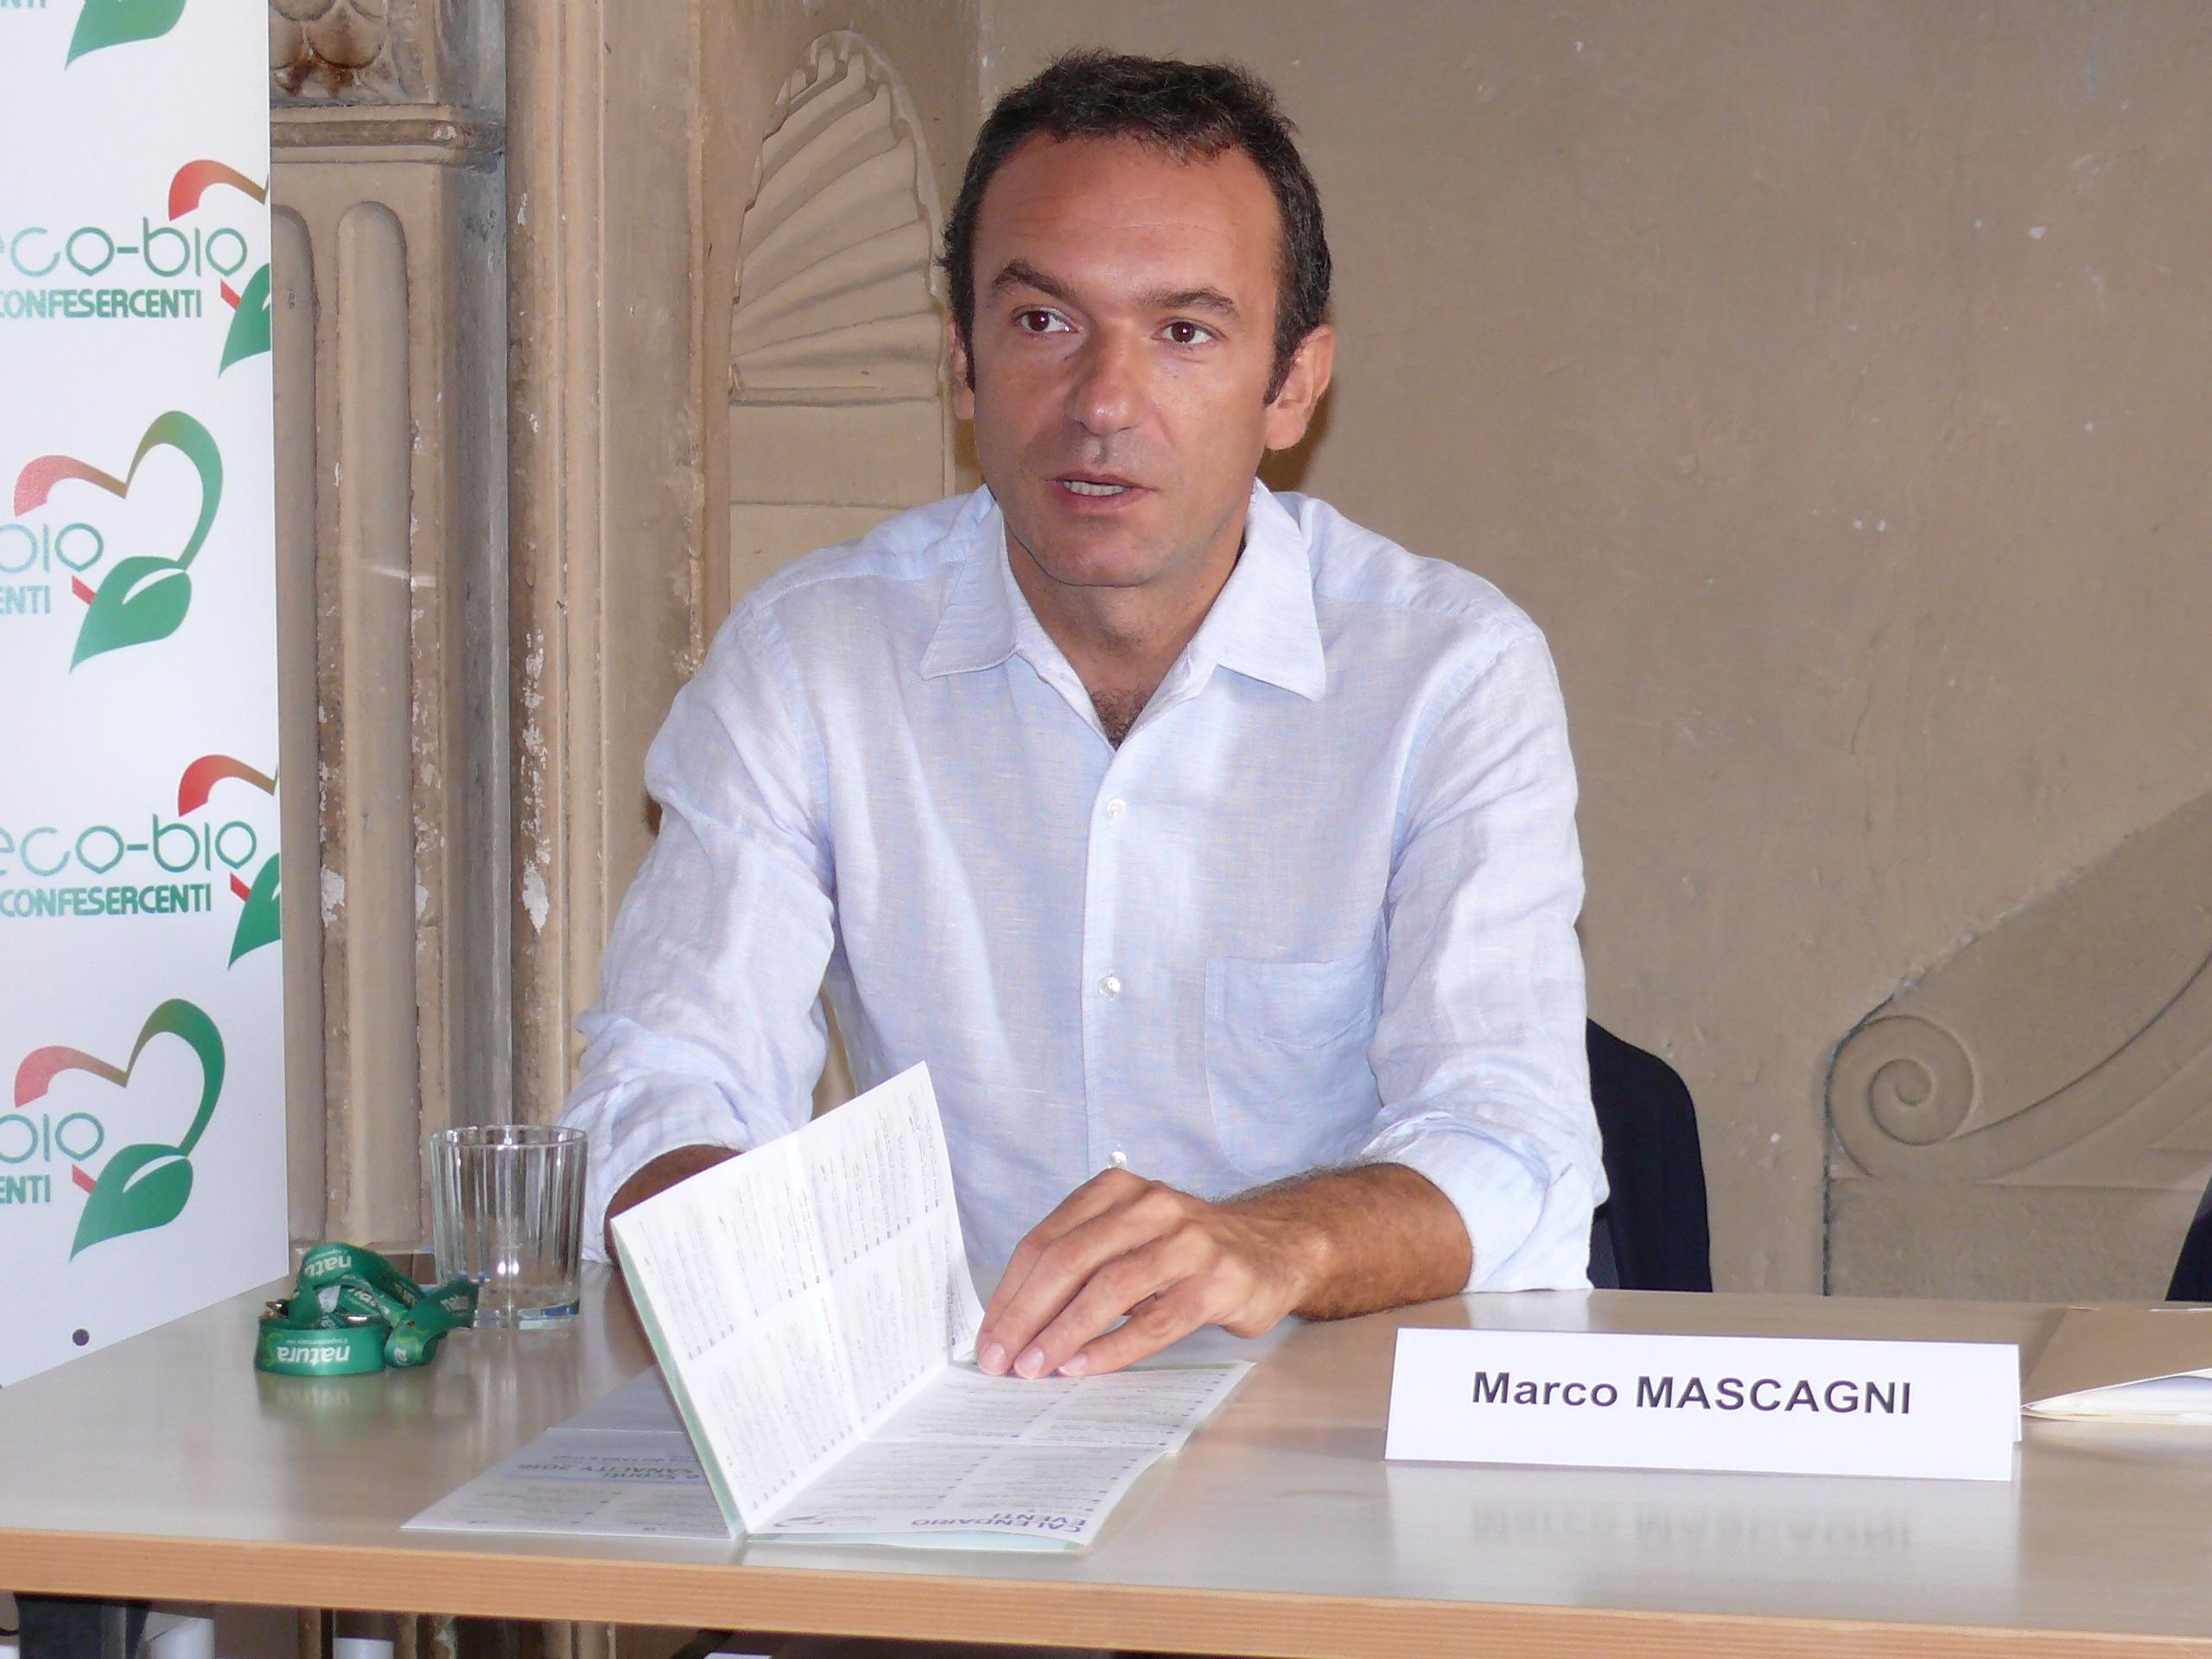 Confesercenti Bologna: ECO-BIO IN CITTA' 2021, la serie die eventi e iniziative all'insegna del biologico, del naturale e del sostenibile